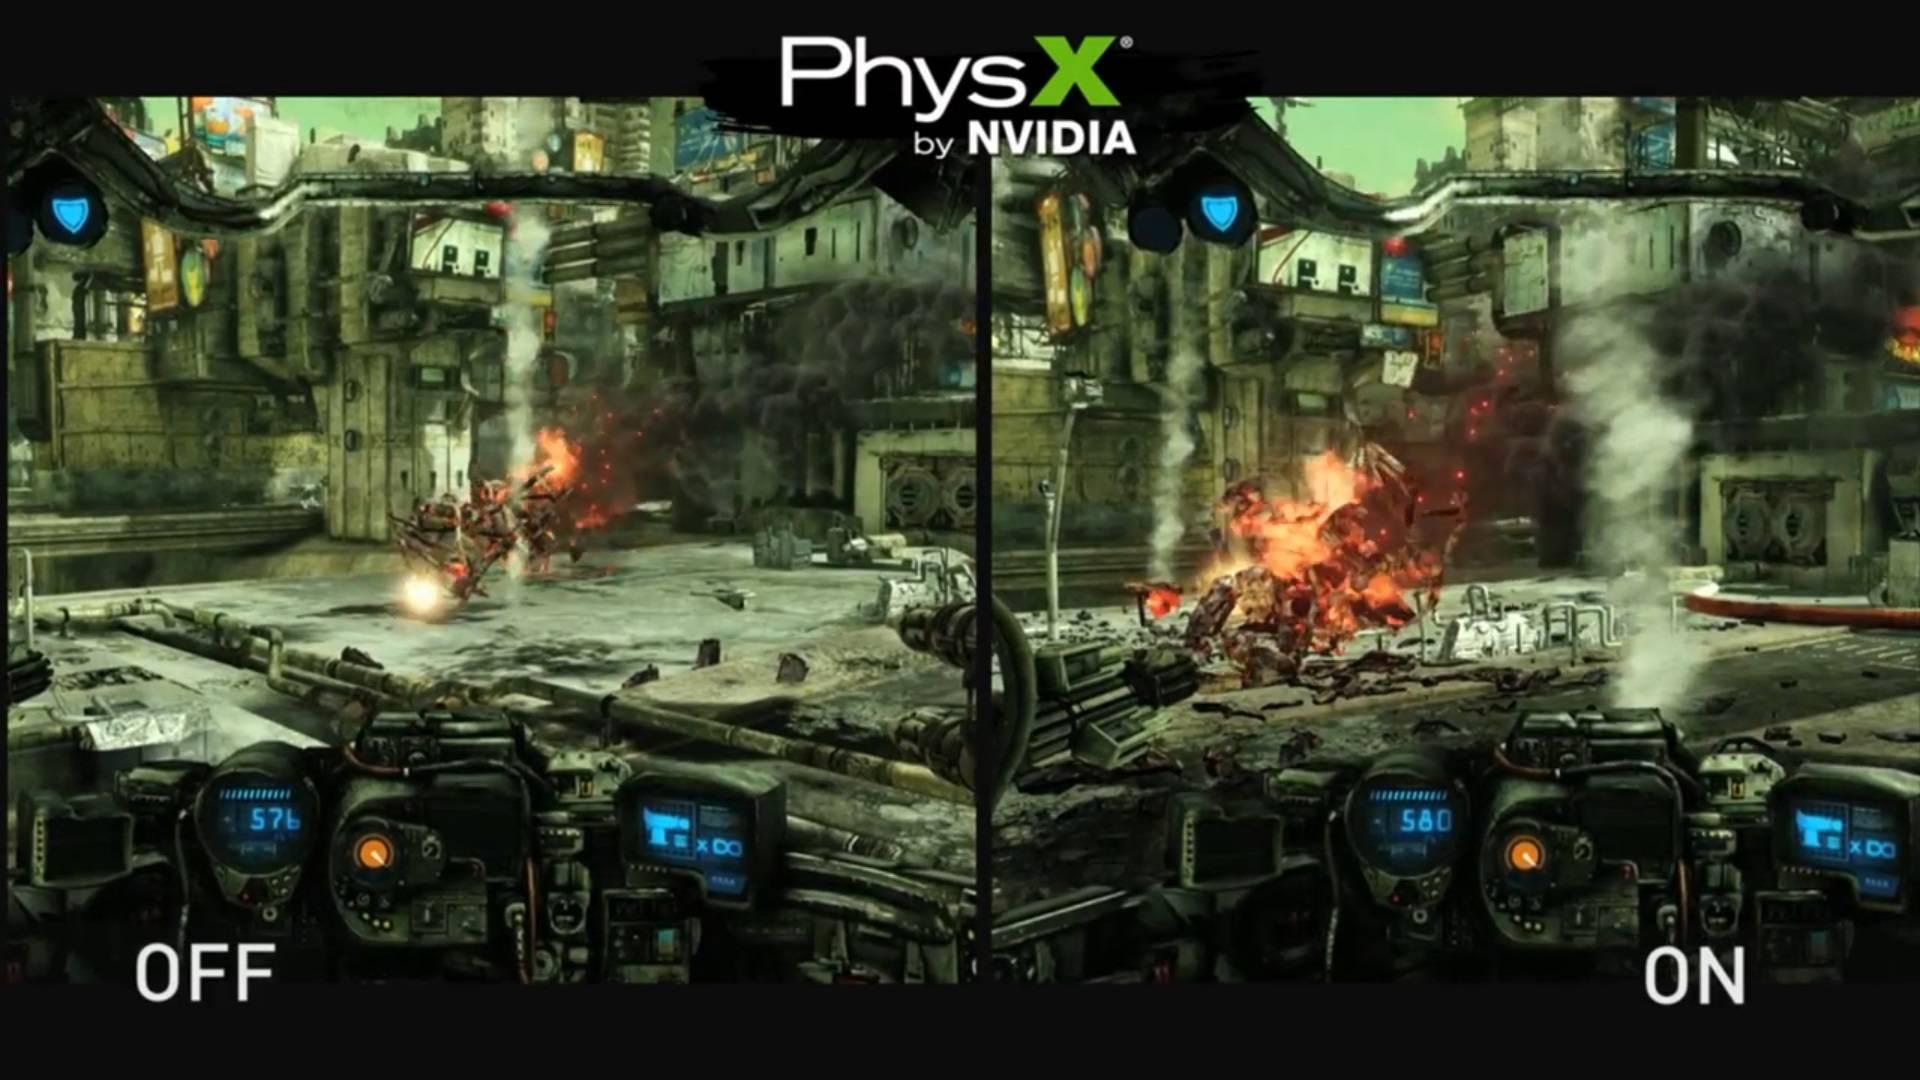 Скачать-PhysX-бесплатно-от-Nvidia.jpg